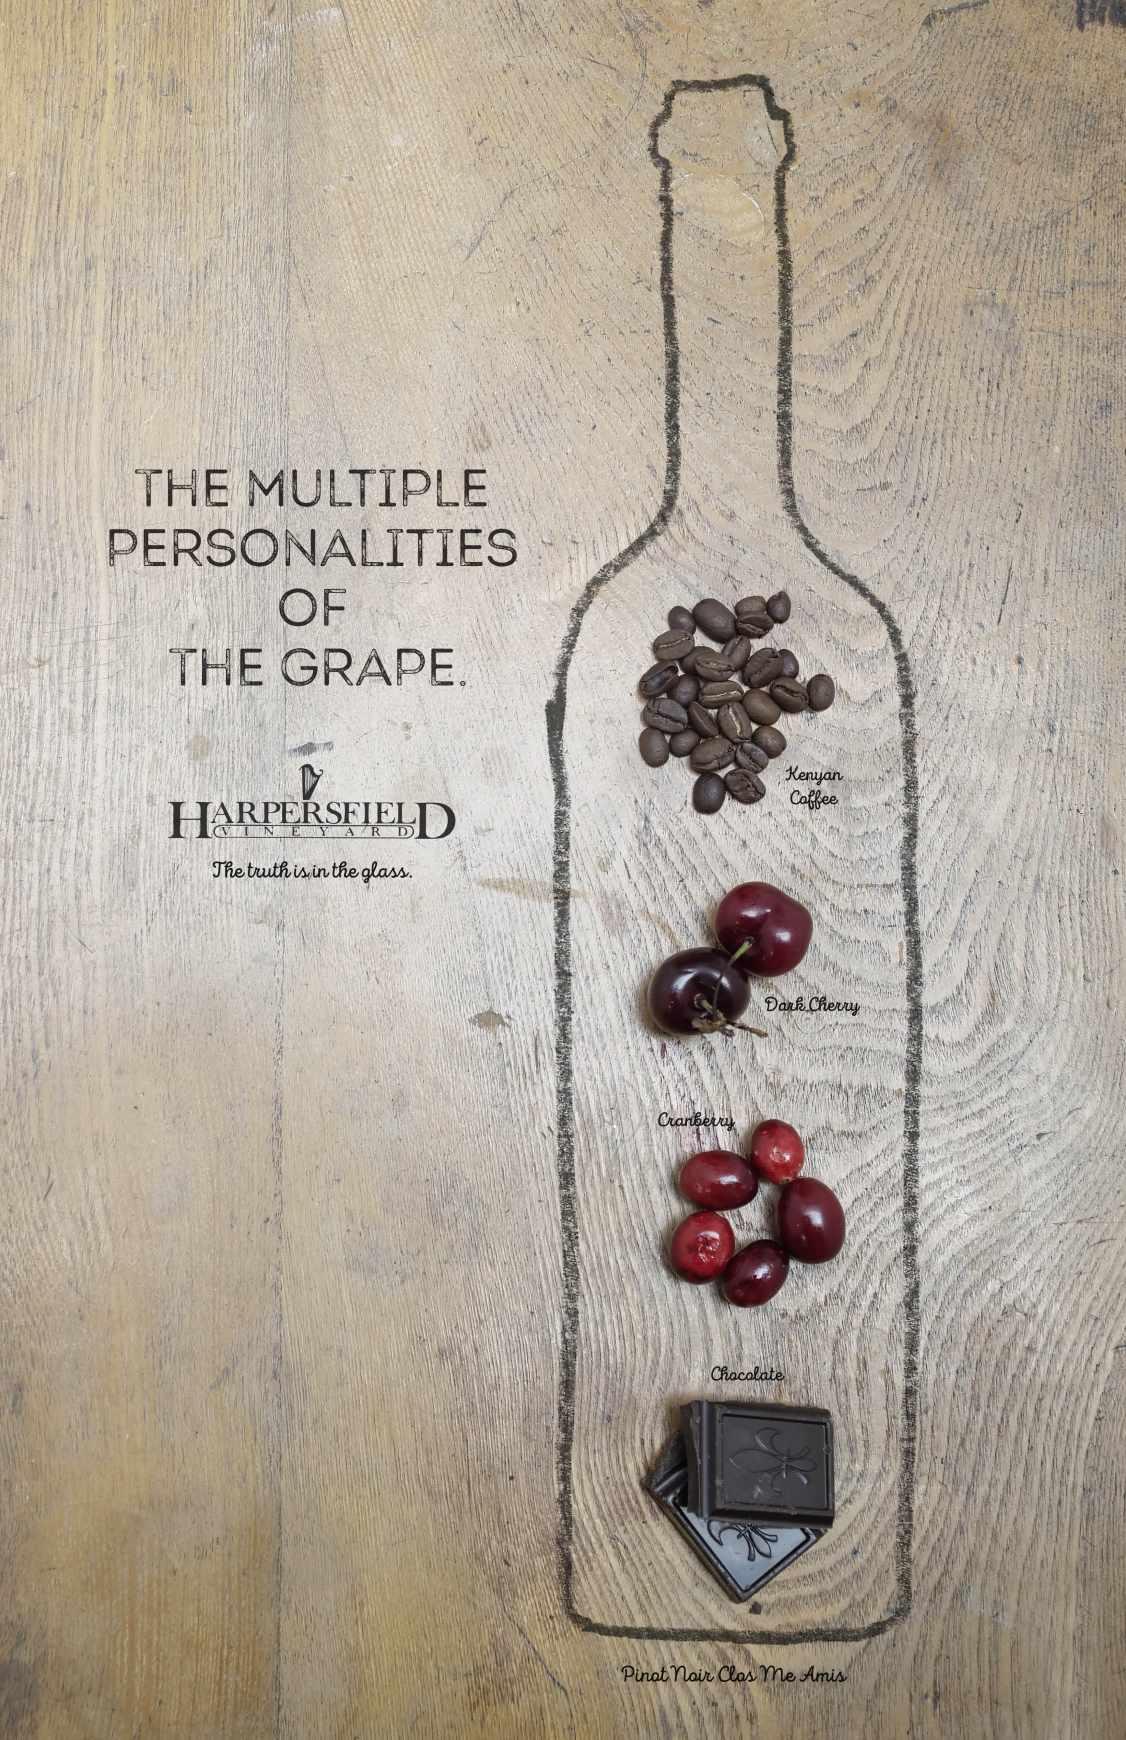 Harpersfield Vineyards Print Ad - Multiple Personalities